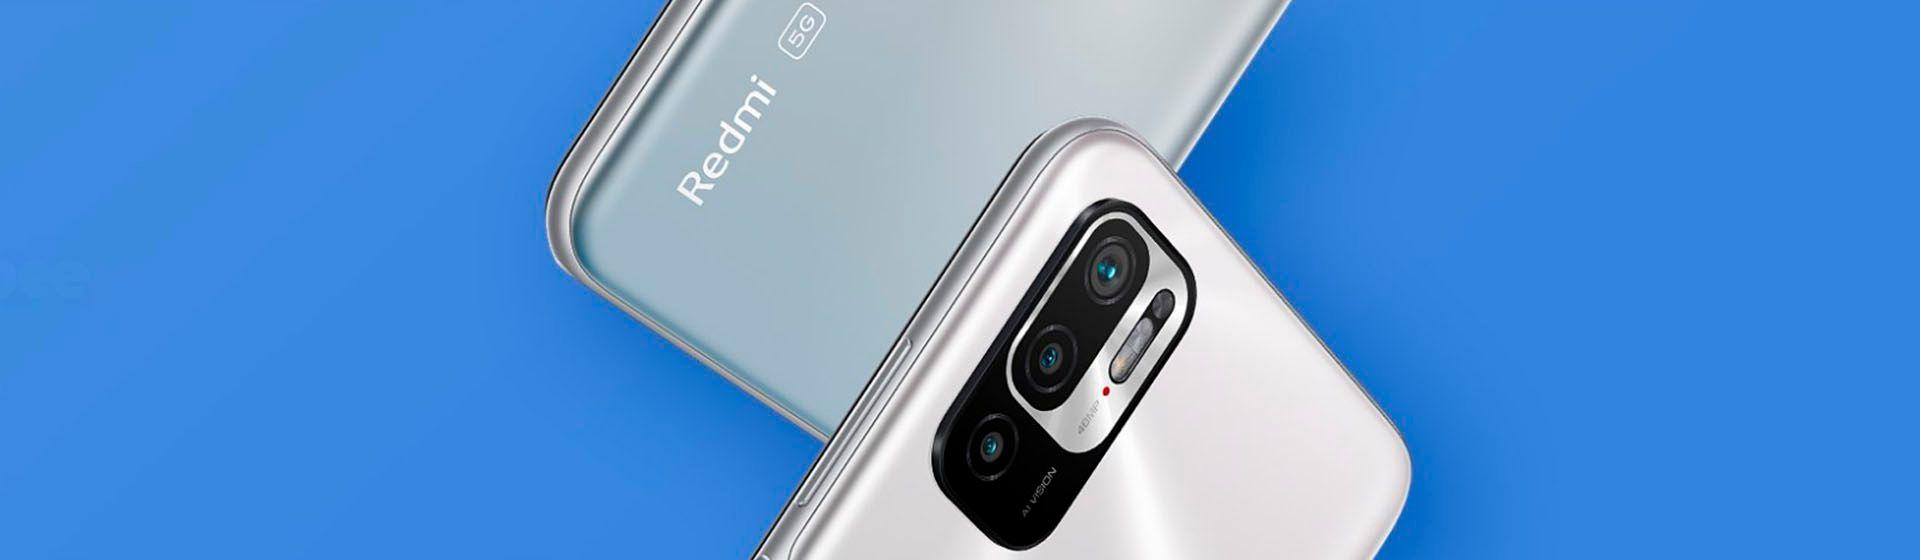 Redmi Note 10 5G vale a pena? Conheça sua ficha técnica